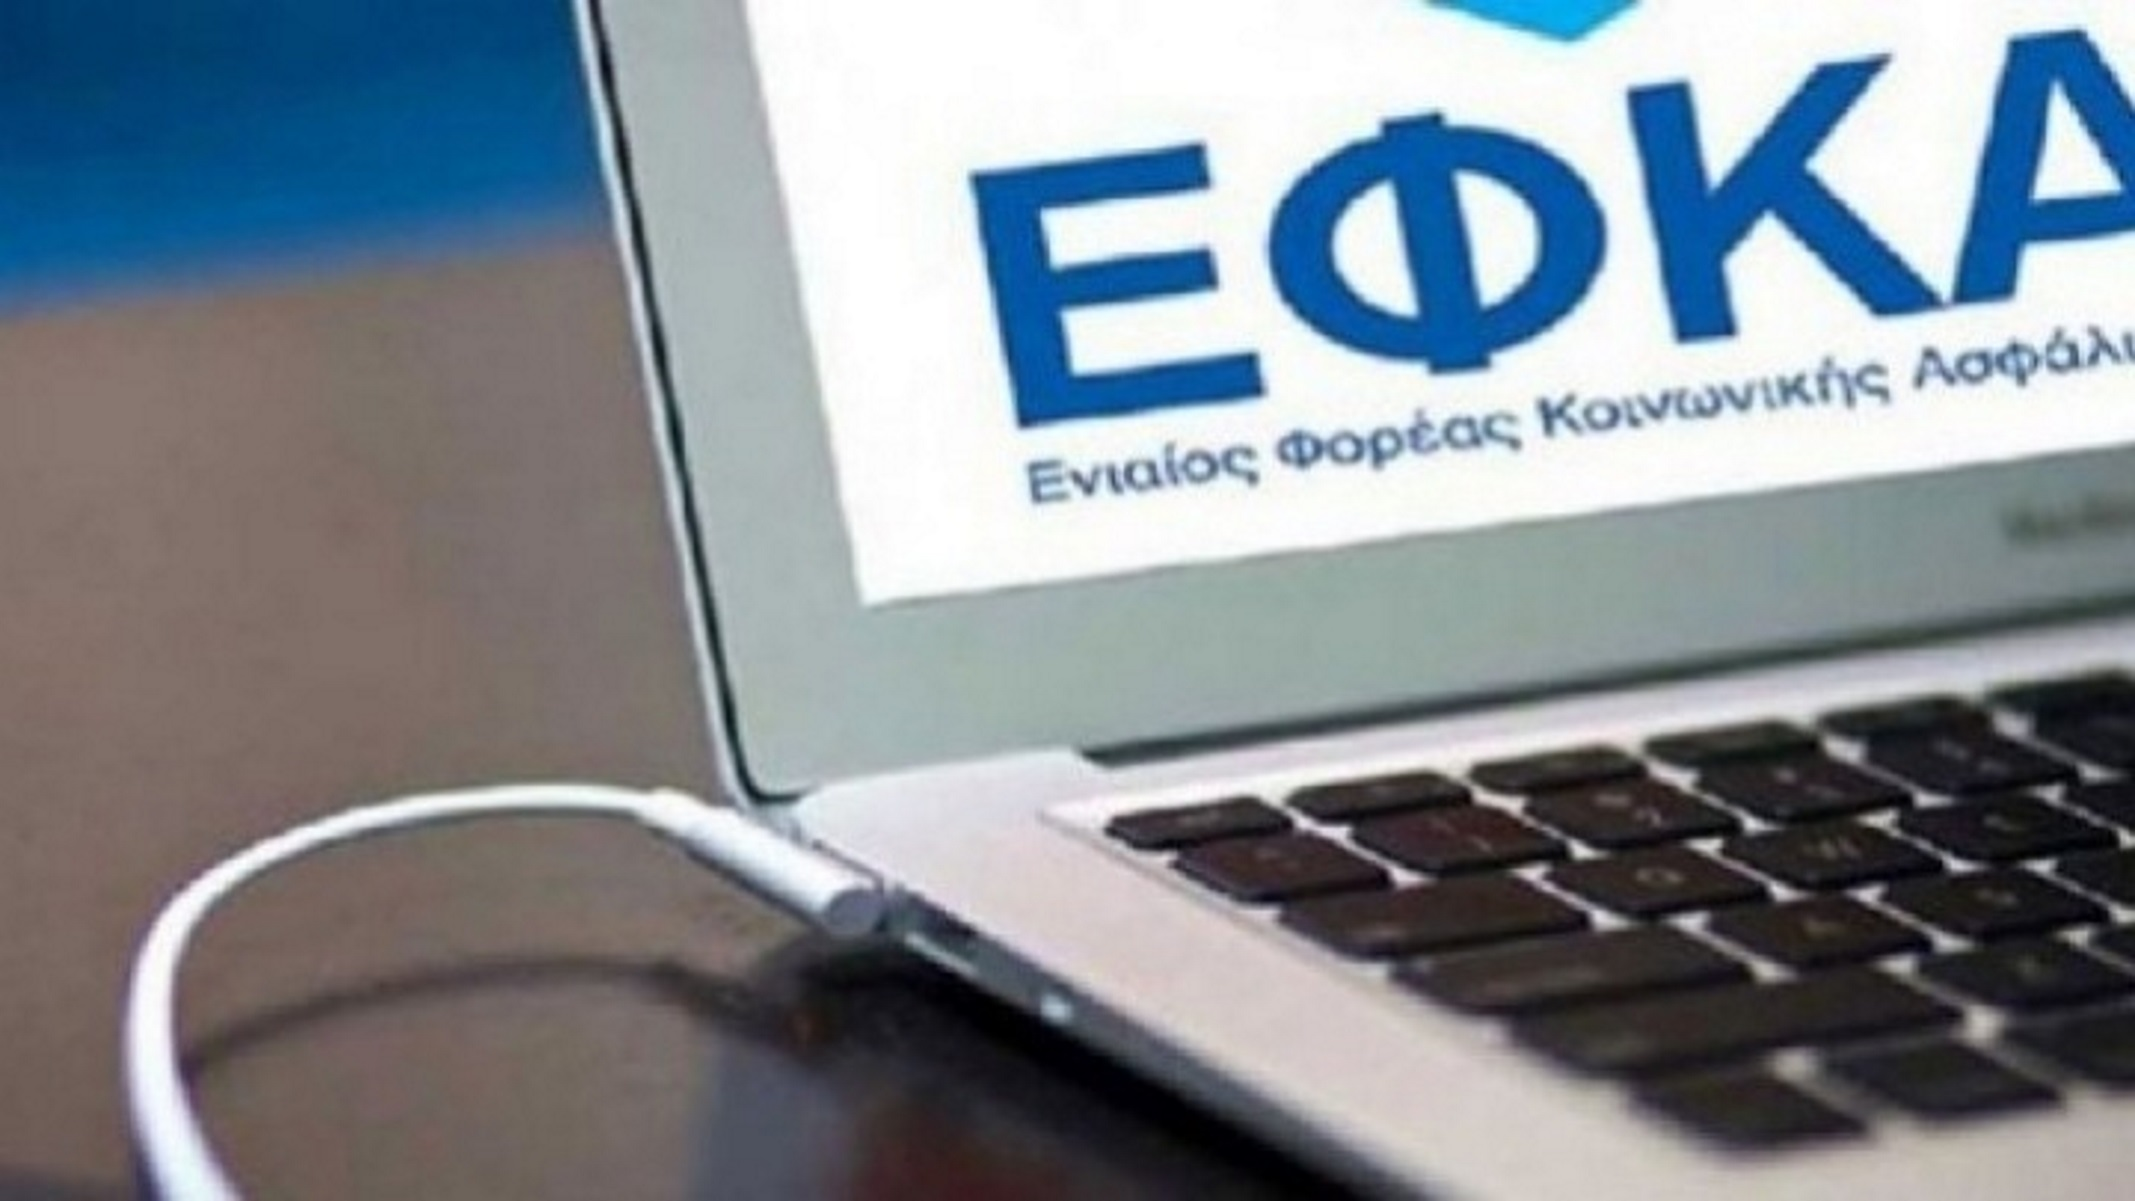 Όλες οι πληρωμές από ΟΑΕΔ, ΕΦΚΑ και υπουργείο Εργασίας μέχρι τις 10 Σεπτεμβρίου